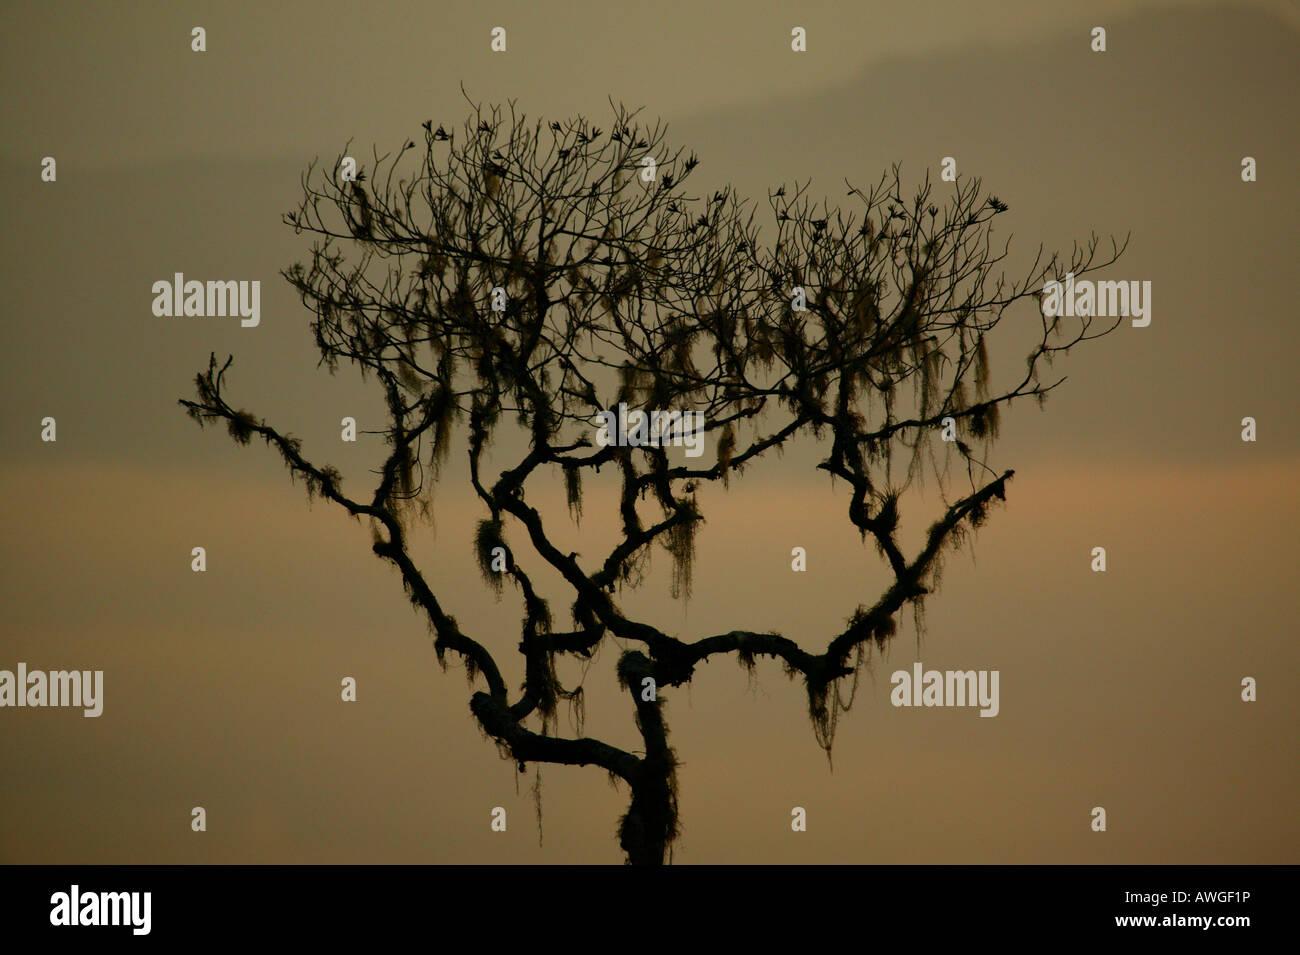 Arbre et paysages brumeux à Cerro Pirre de Darien national park, province de Darién, République du Panama. Banque D'Images